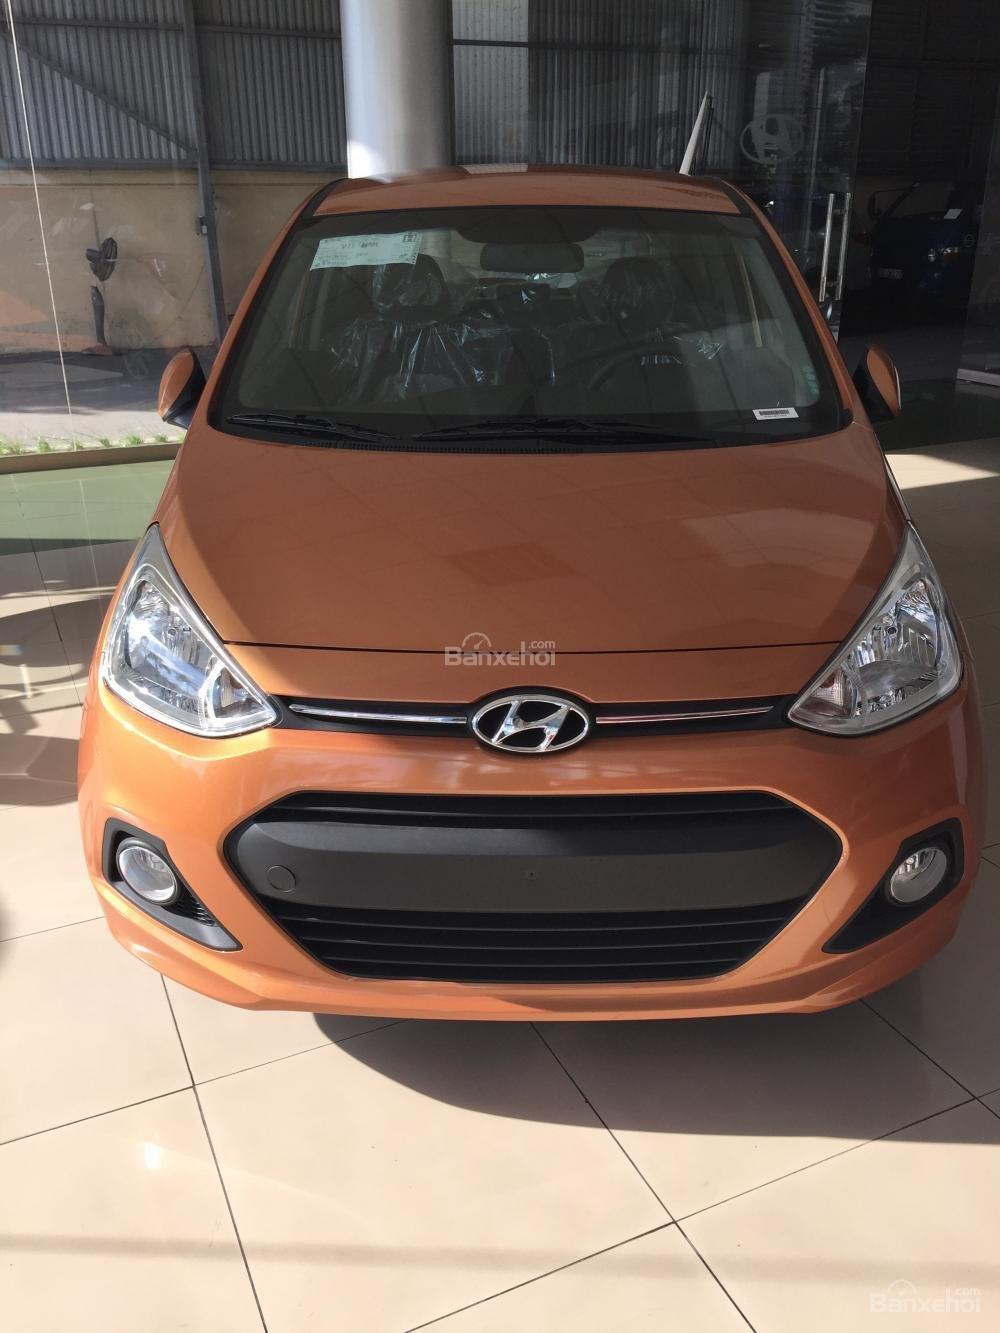 Tin hot! Bán xe Hyundai Grand i10 mới nhất, giá rẻ, khuyến mại hấp dẫn, mua trả góp-0